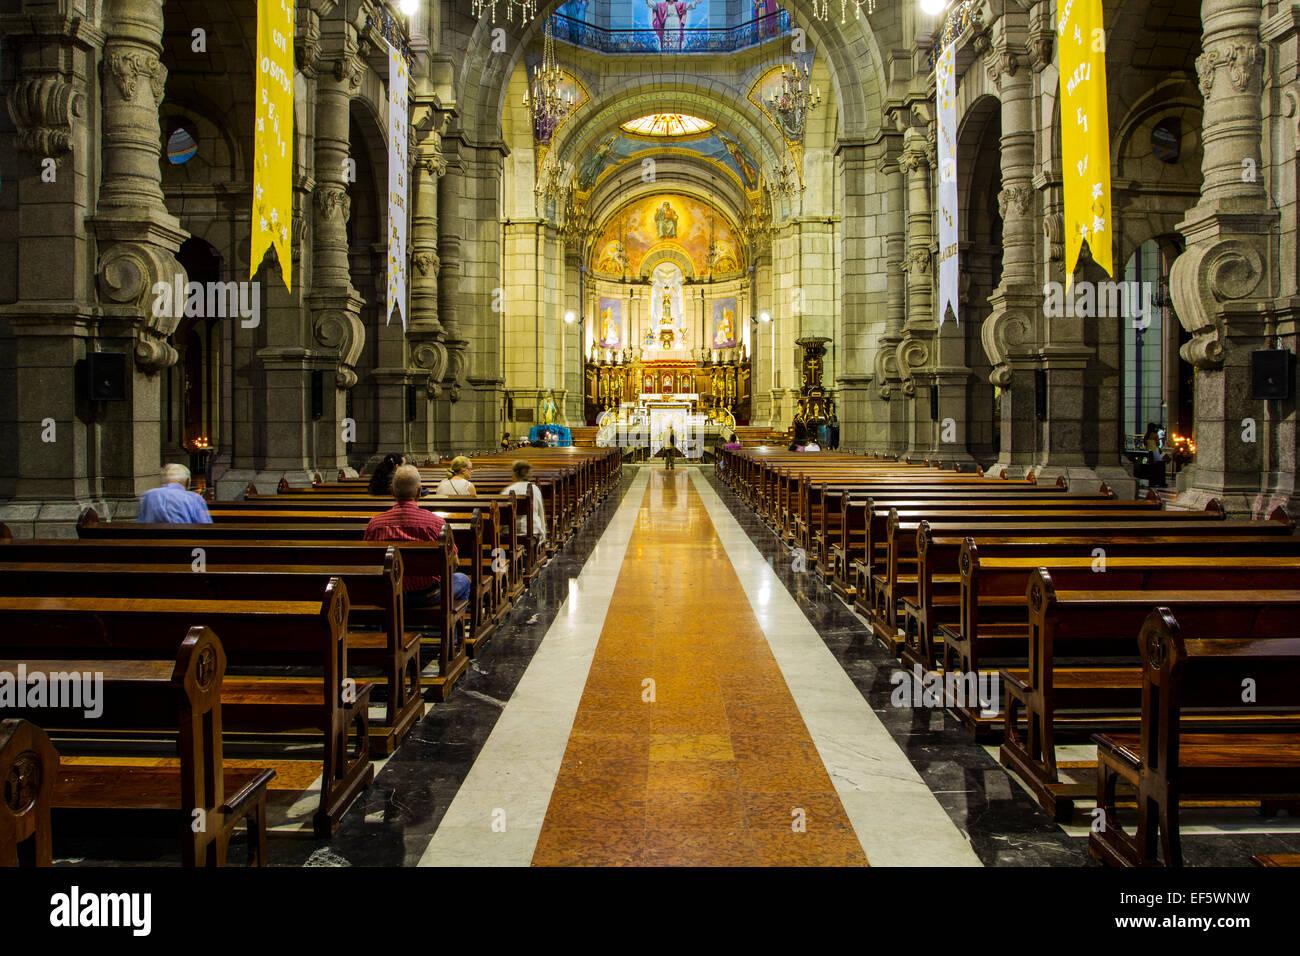 Interior of Basilica Menor Inmaculada Concepcion, Cathedral of Merida. Merida, Merida, Venezuela. Stock Photo